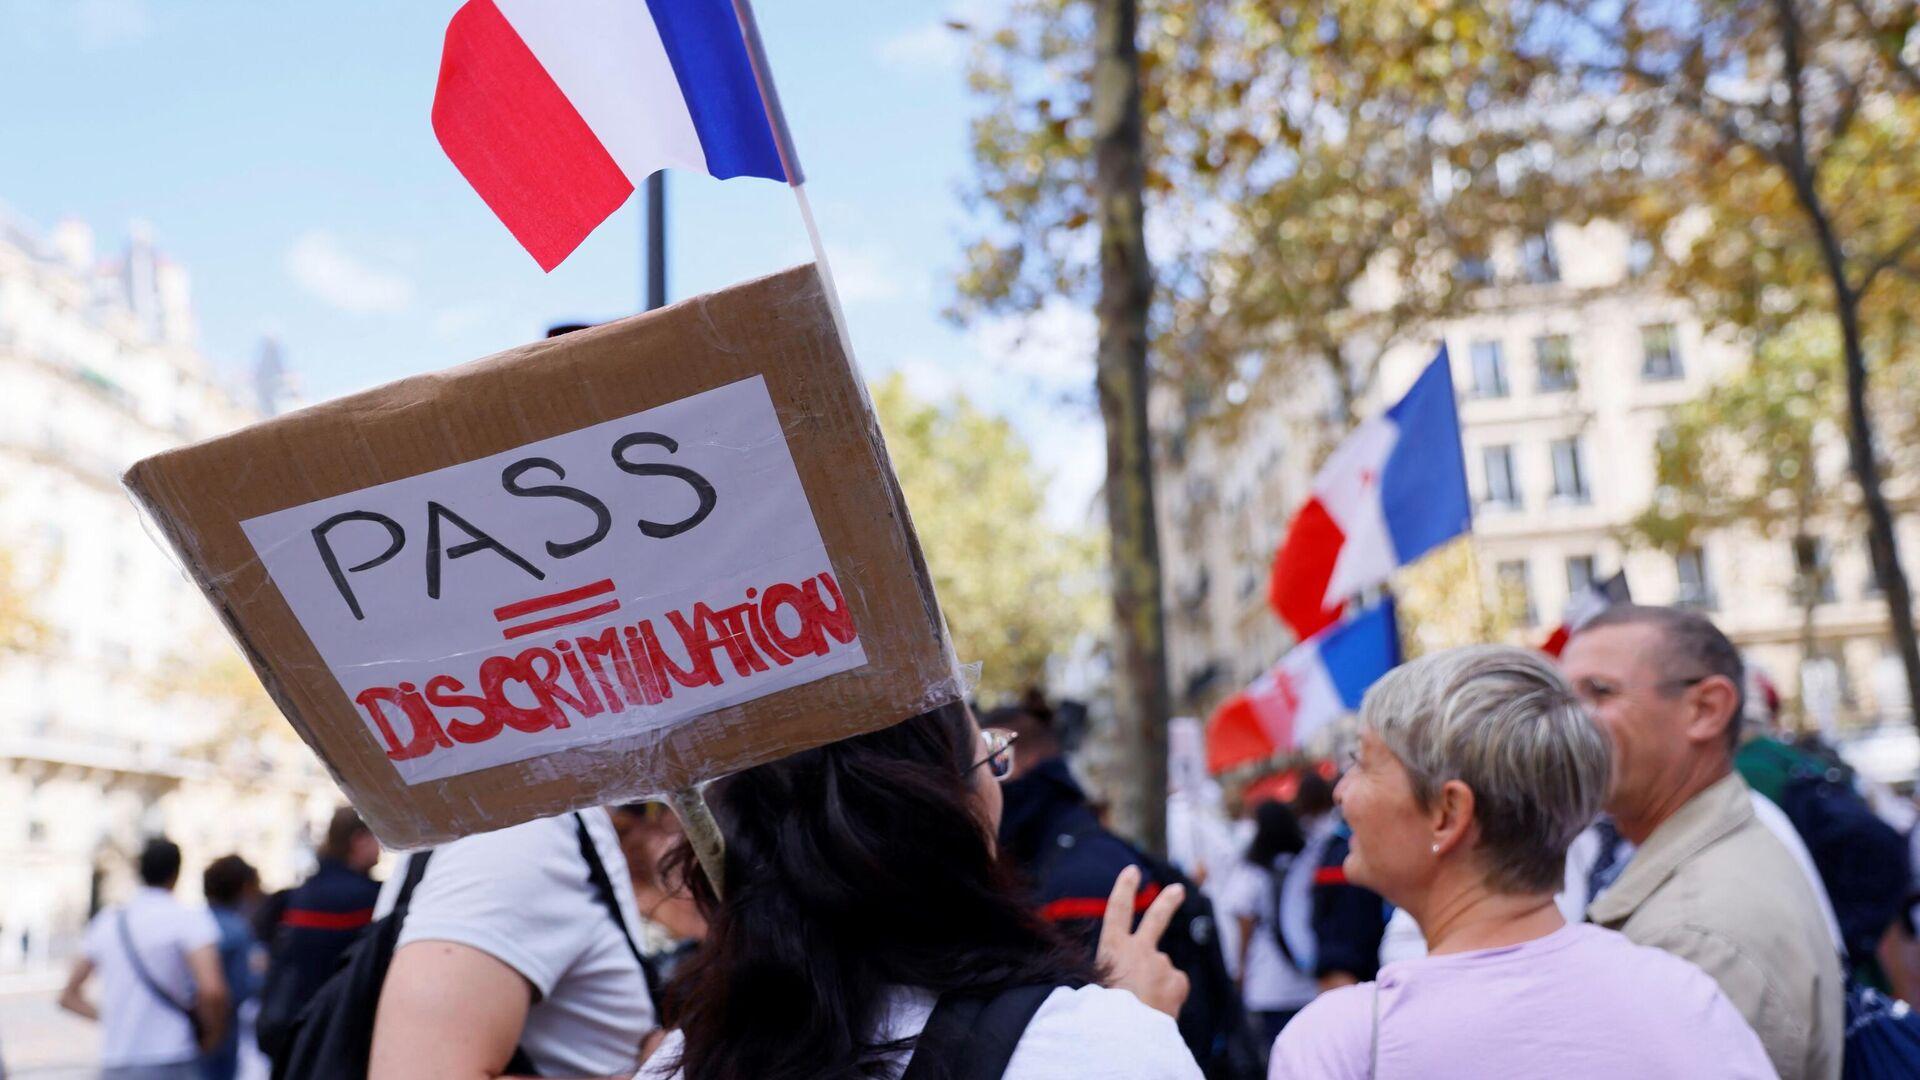 Protestas en Francia contra la vacunación obligatoria - Sputnik Mundo, 1920, 15.09.2021